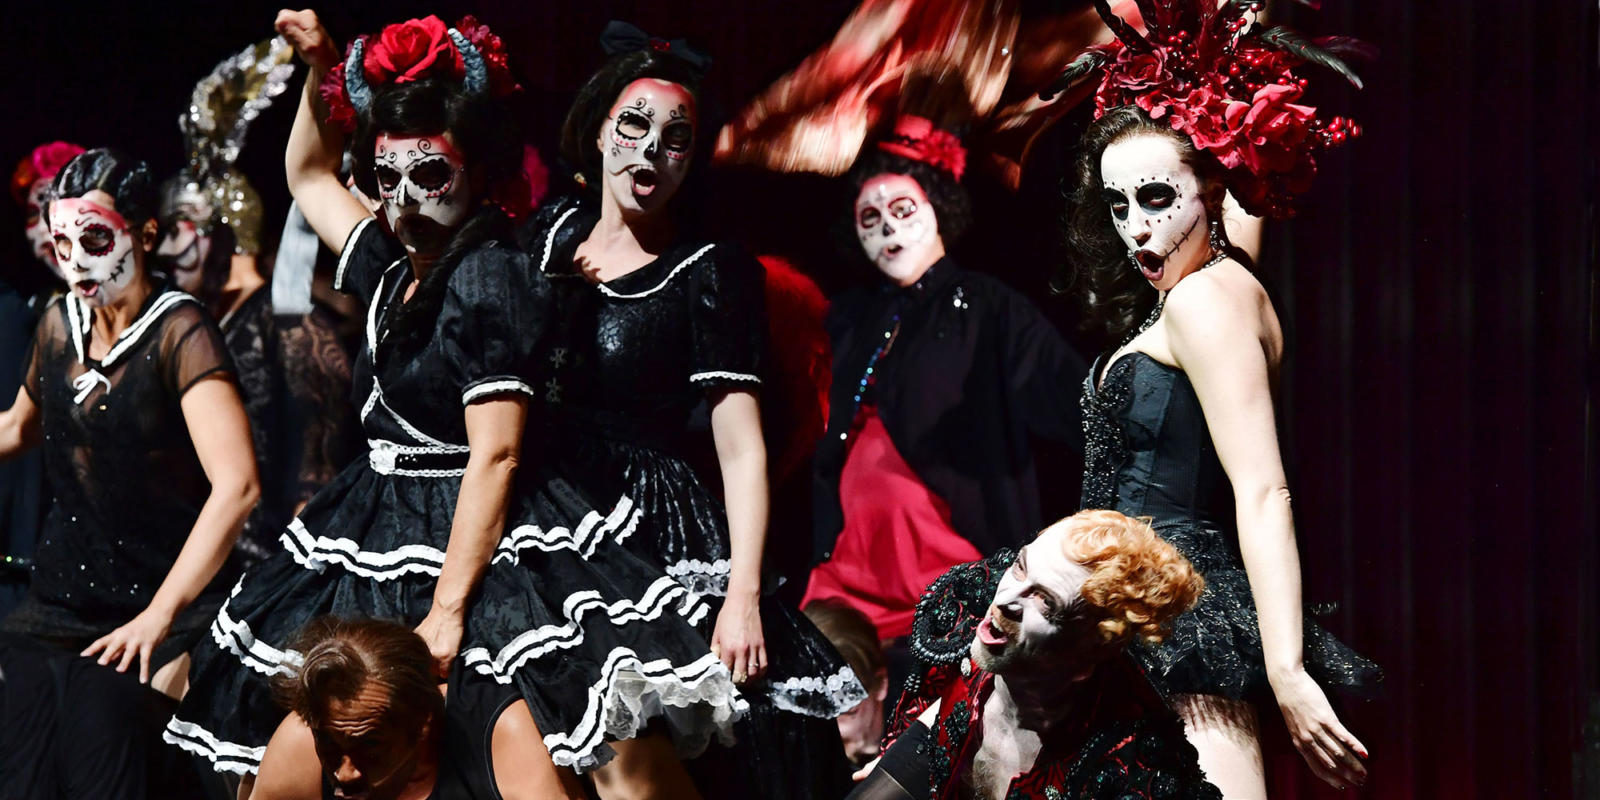 La-traviata_Stanek-Brandt-Chor-®-Sandra-Then-2